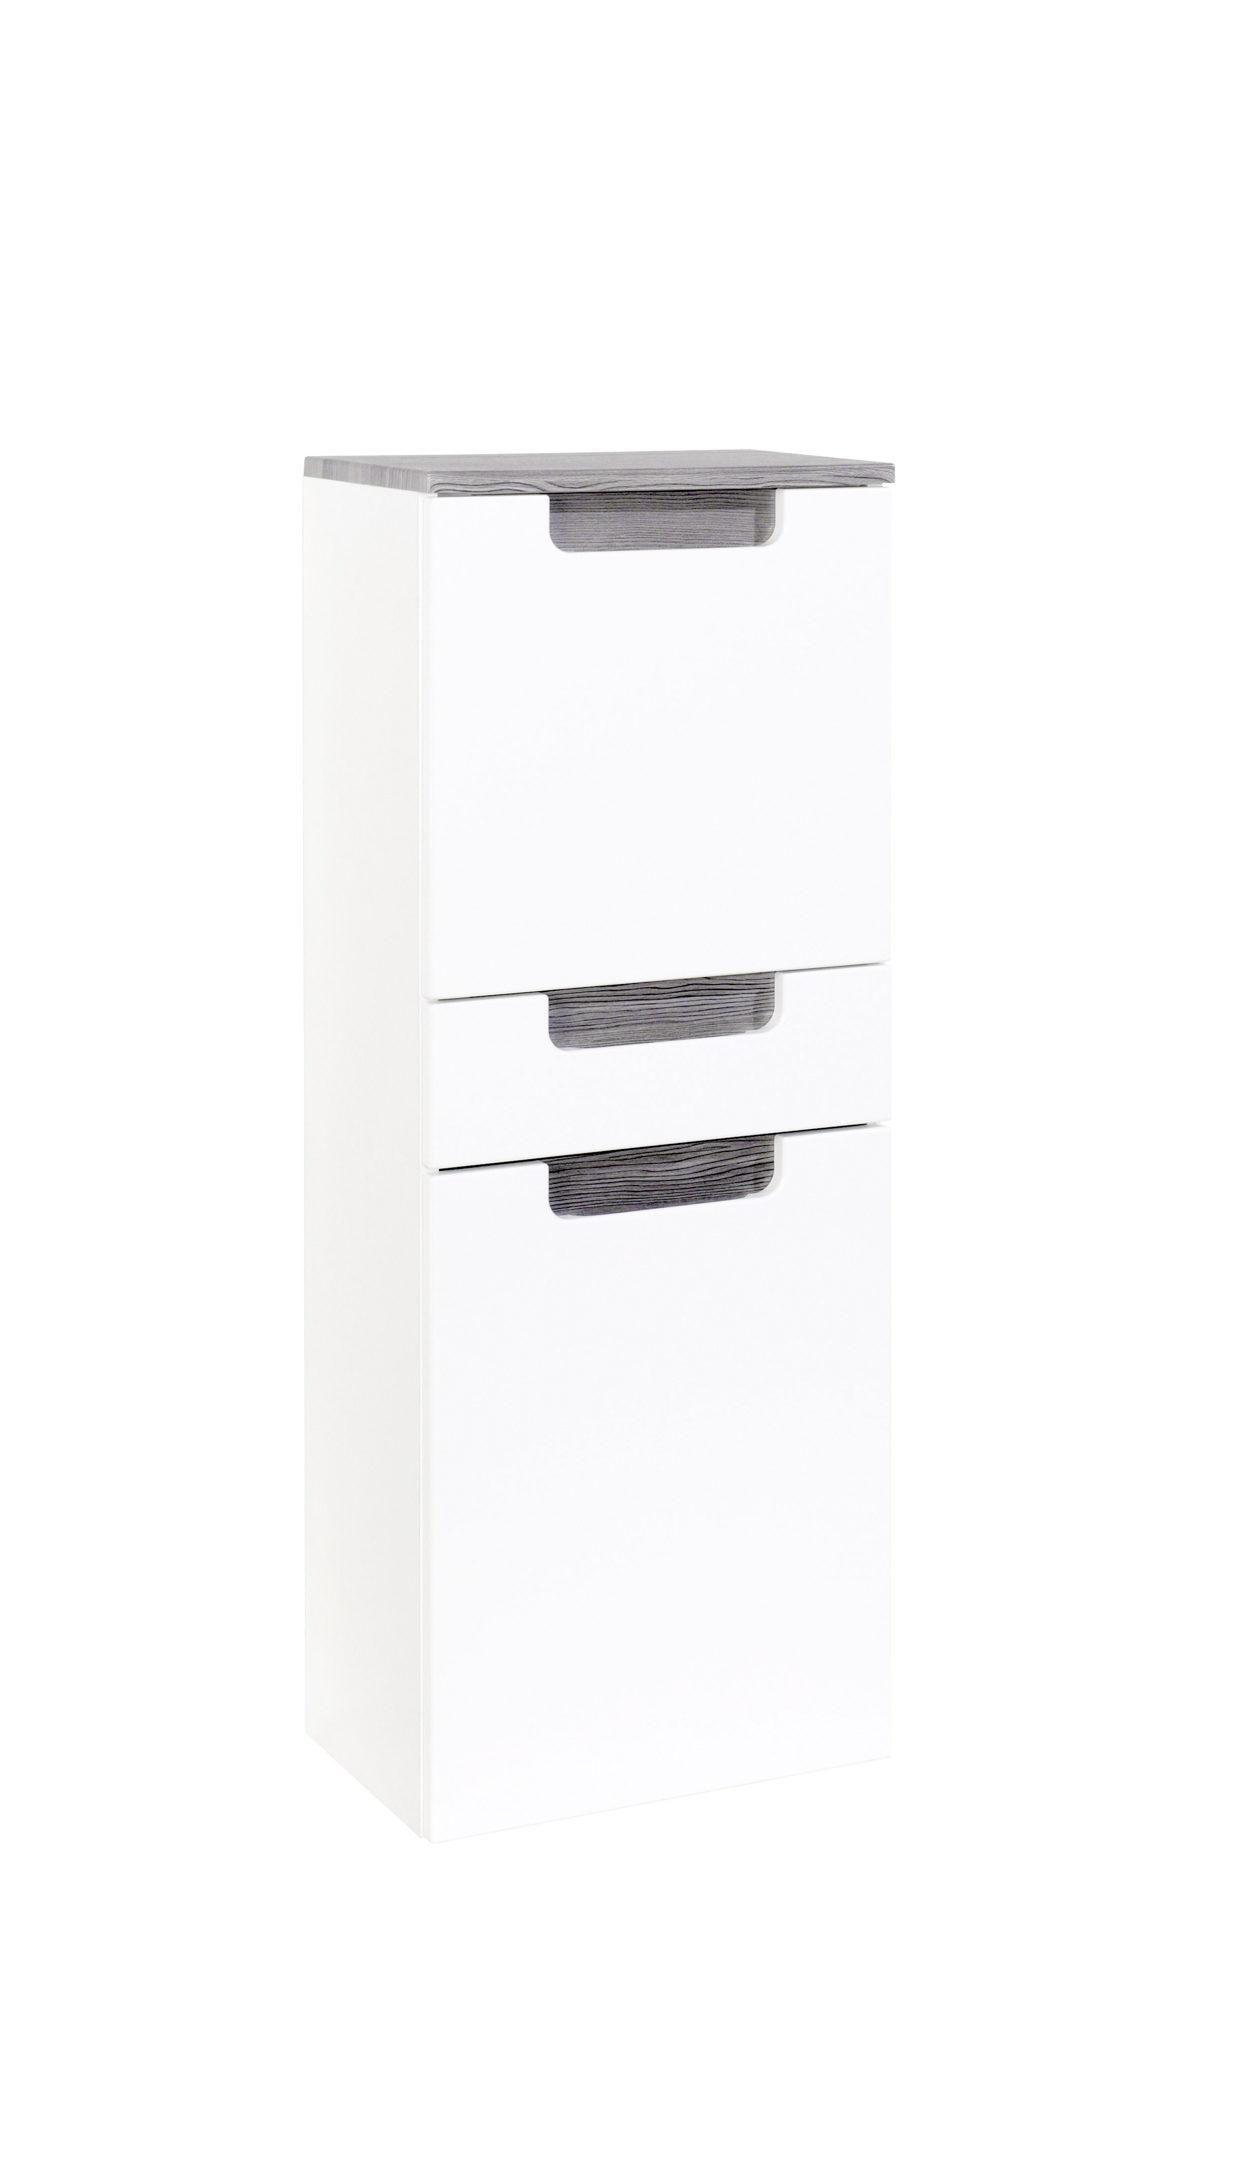 Waschbeckenunterschrank SIENA Waschtisch Unterschrank 1 Auszug 60cm weiss grau